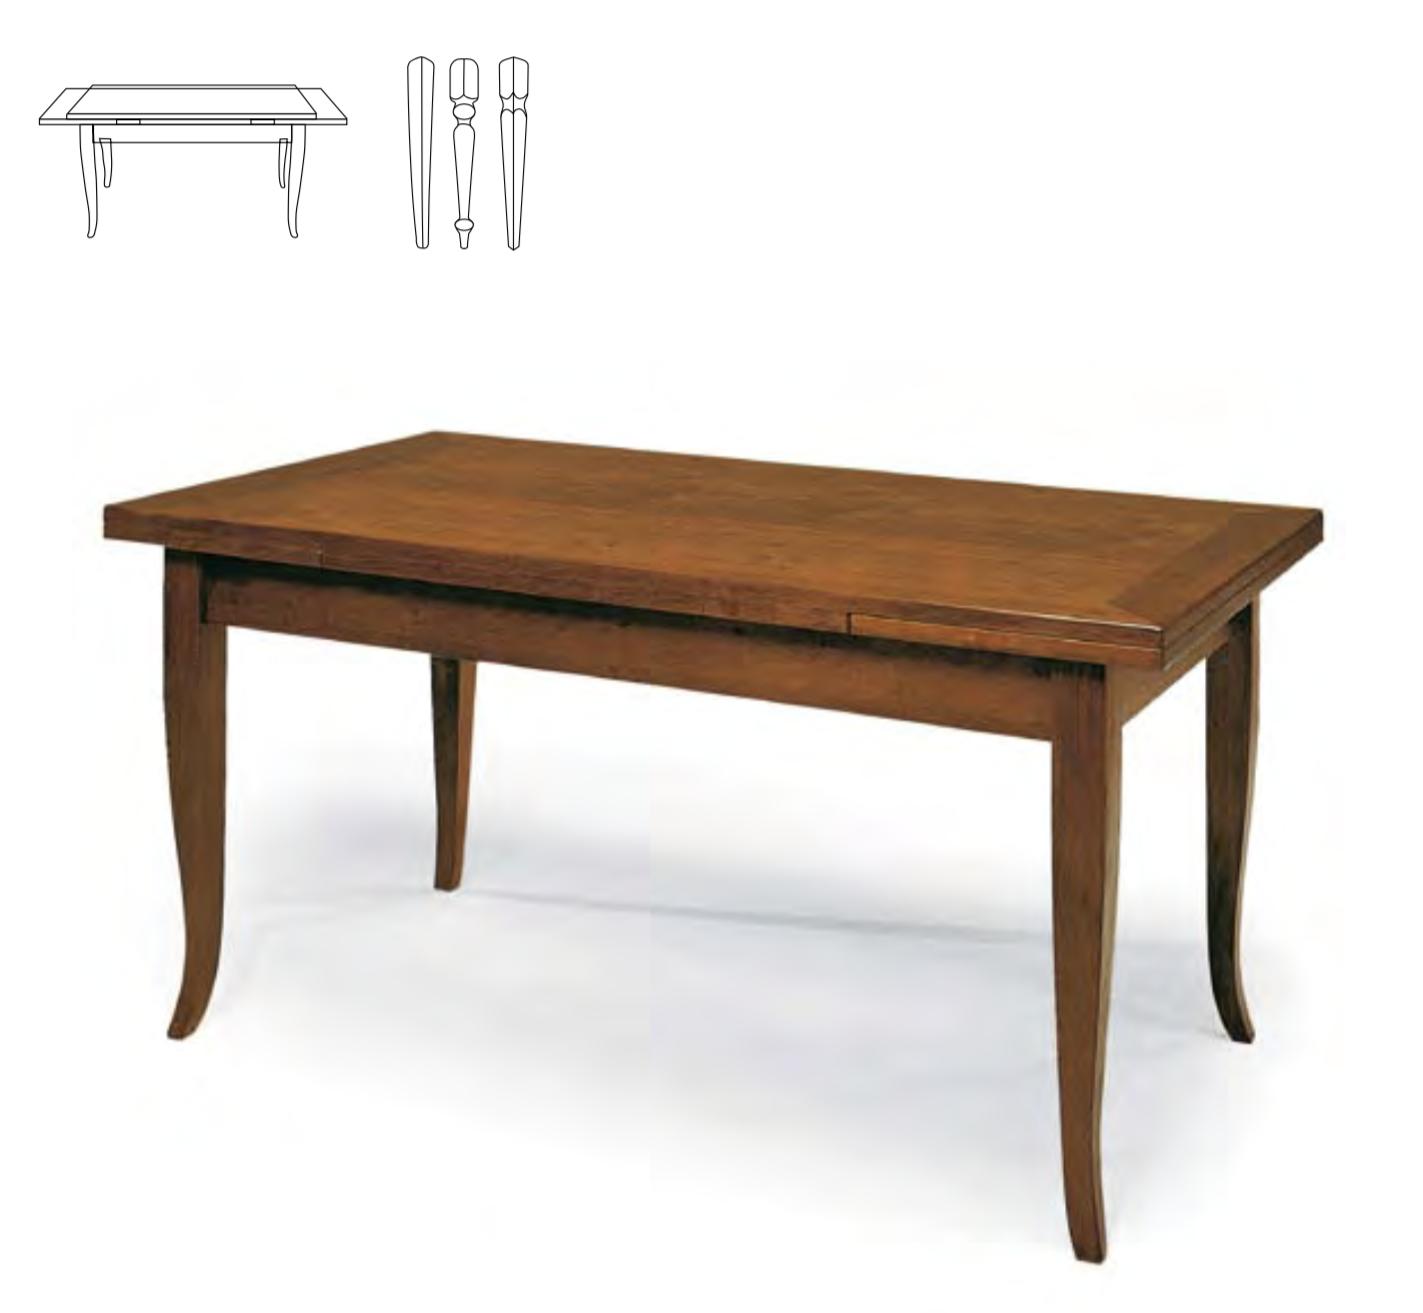 Tavolo A Bandelle Moderno.Tavolo In Tanganica Arredamenti E Mobili Classici E Moderni